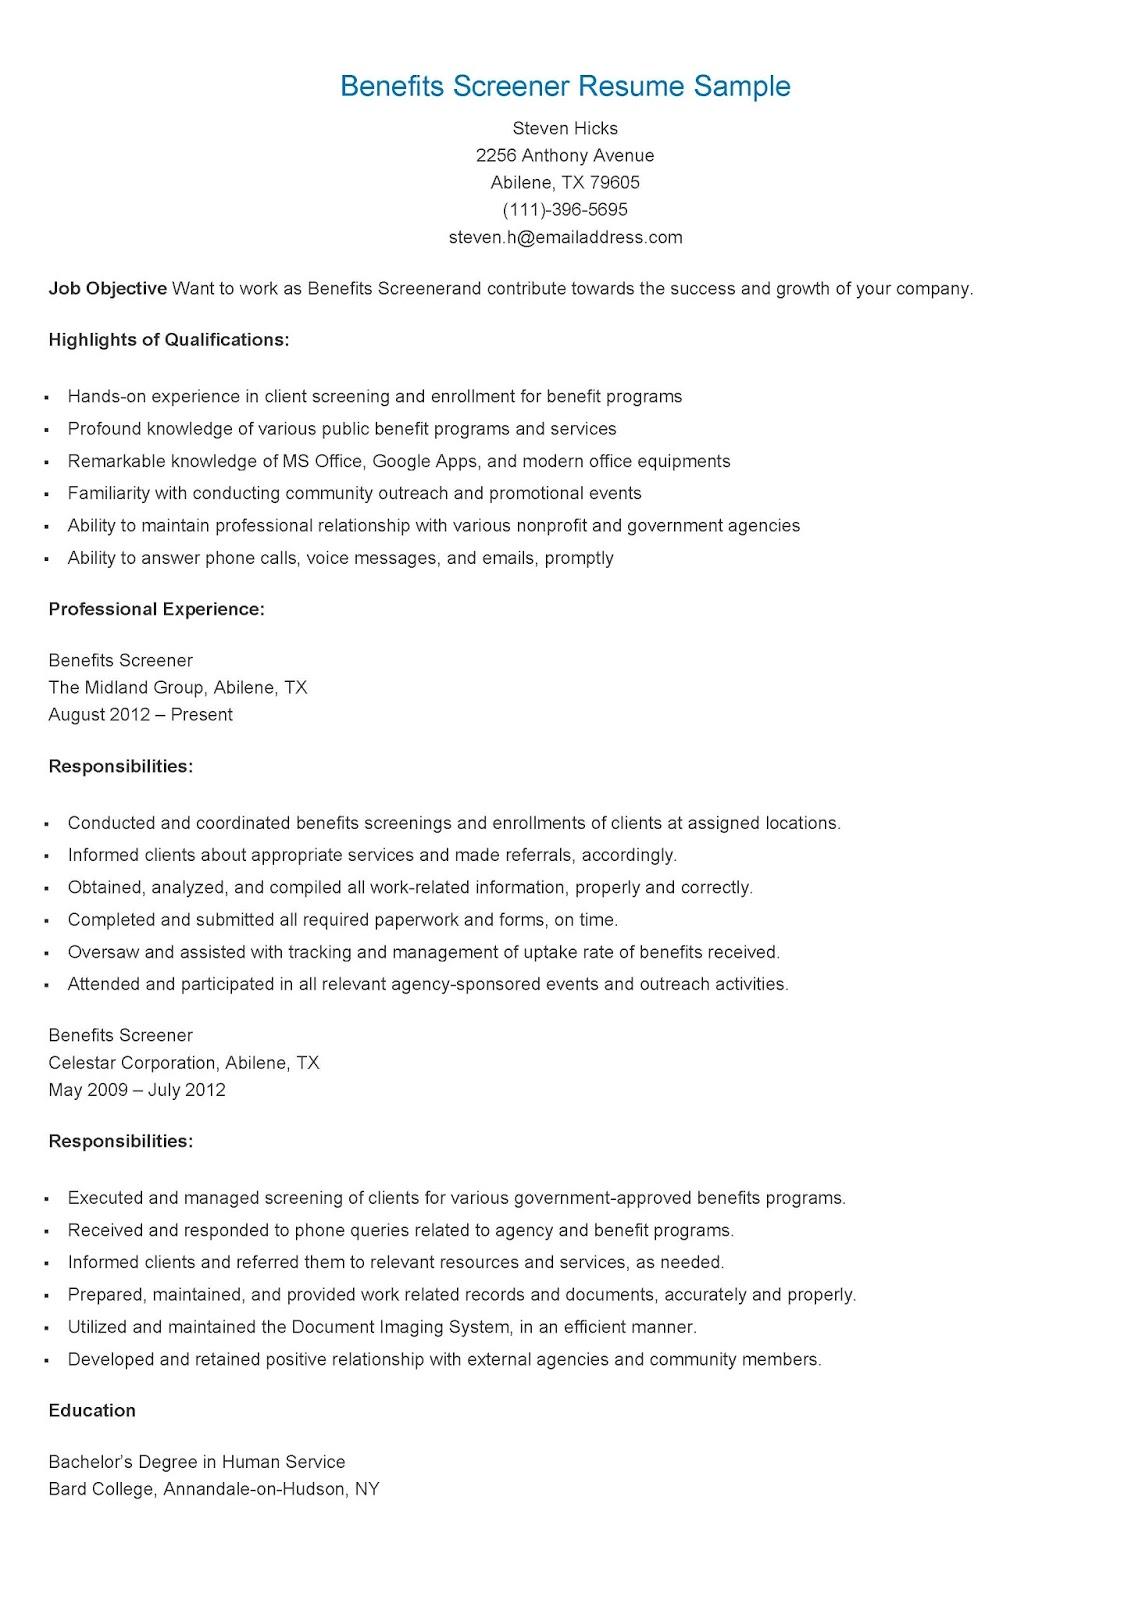 Resume Samples Benefits Screener Resume Sample